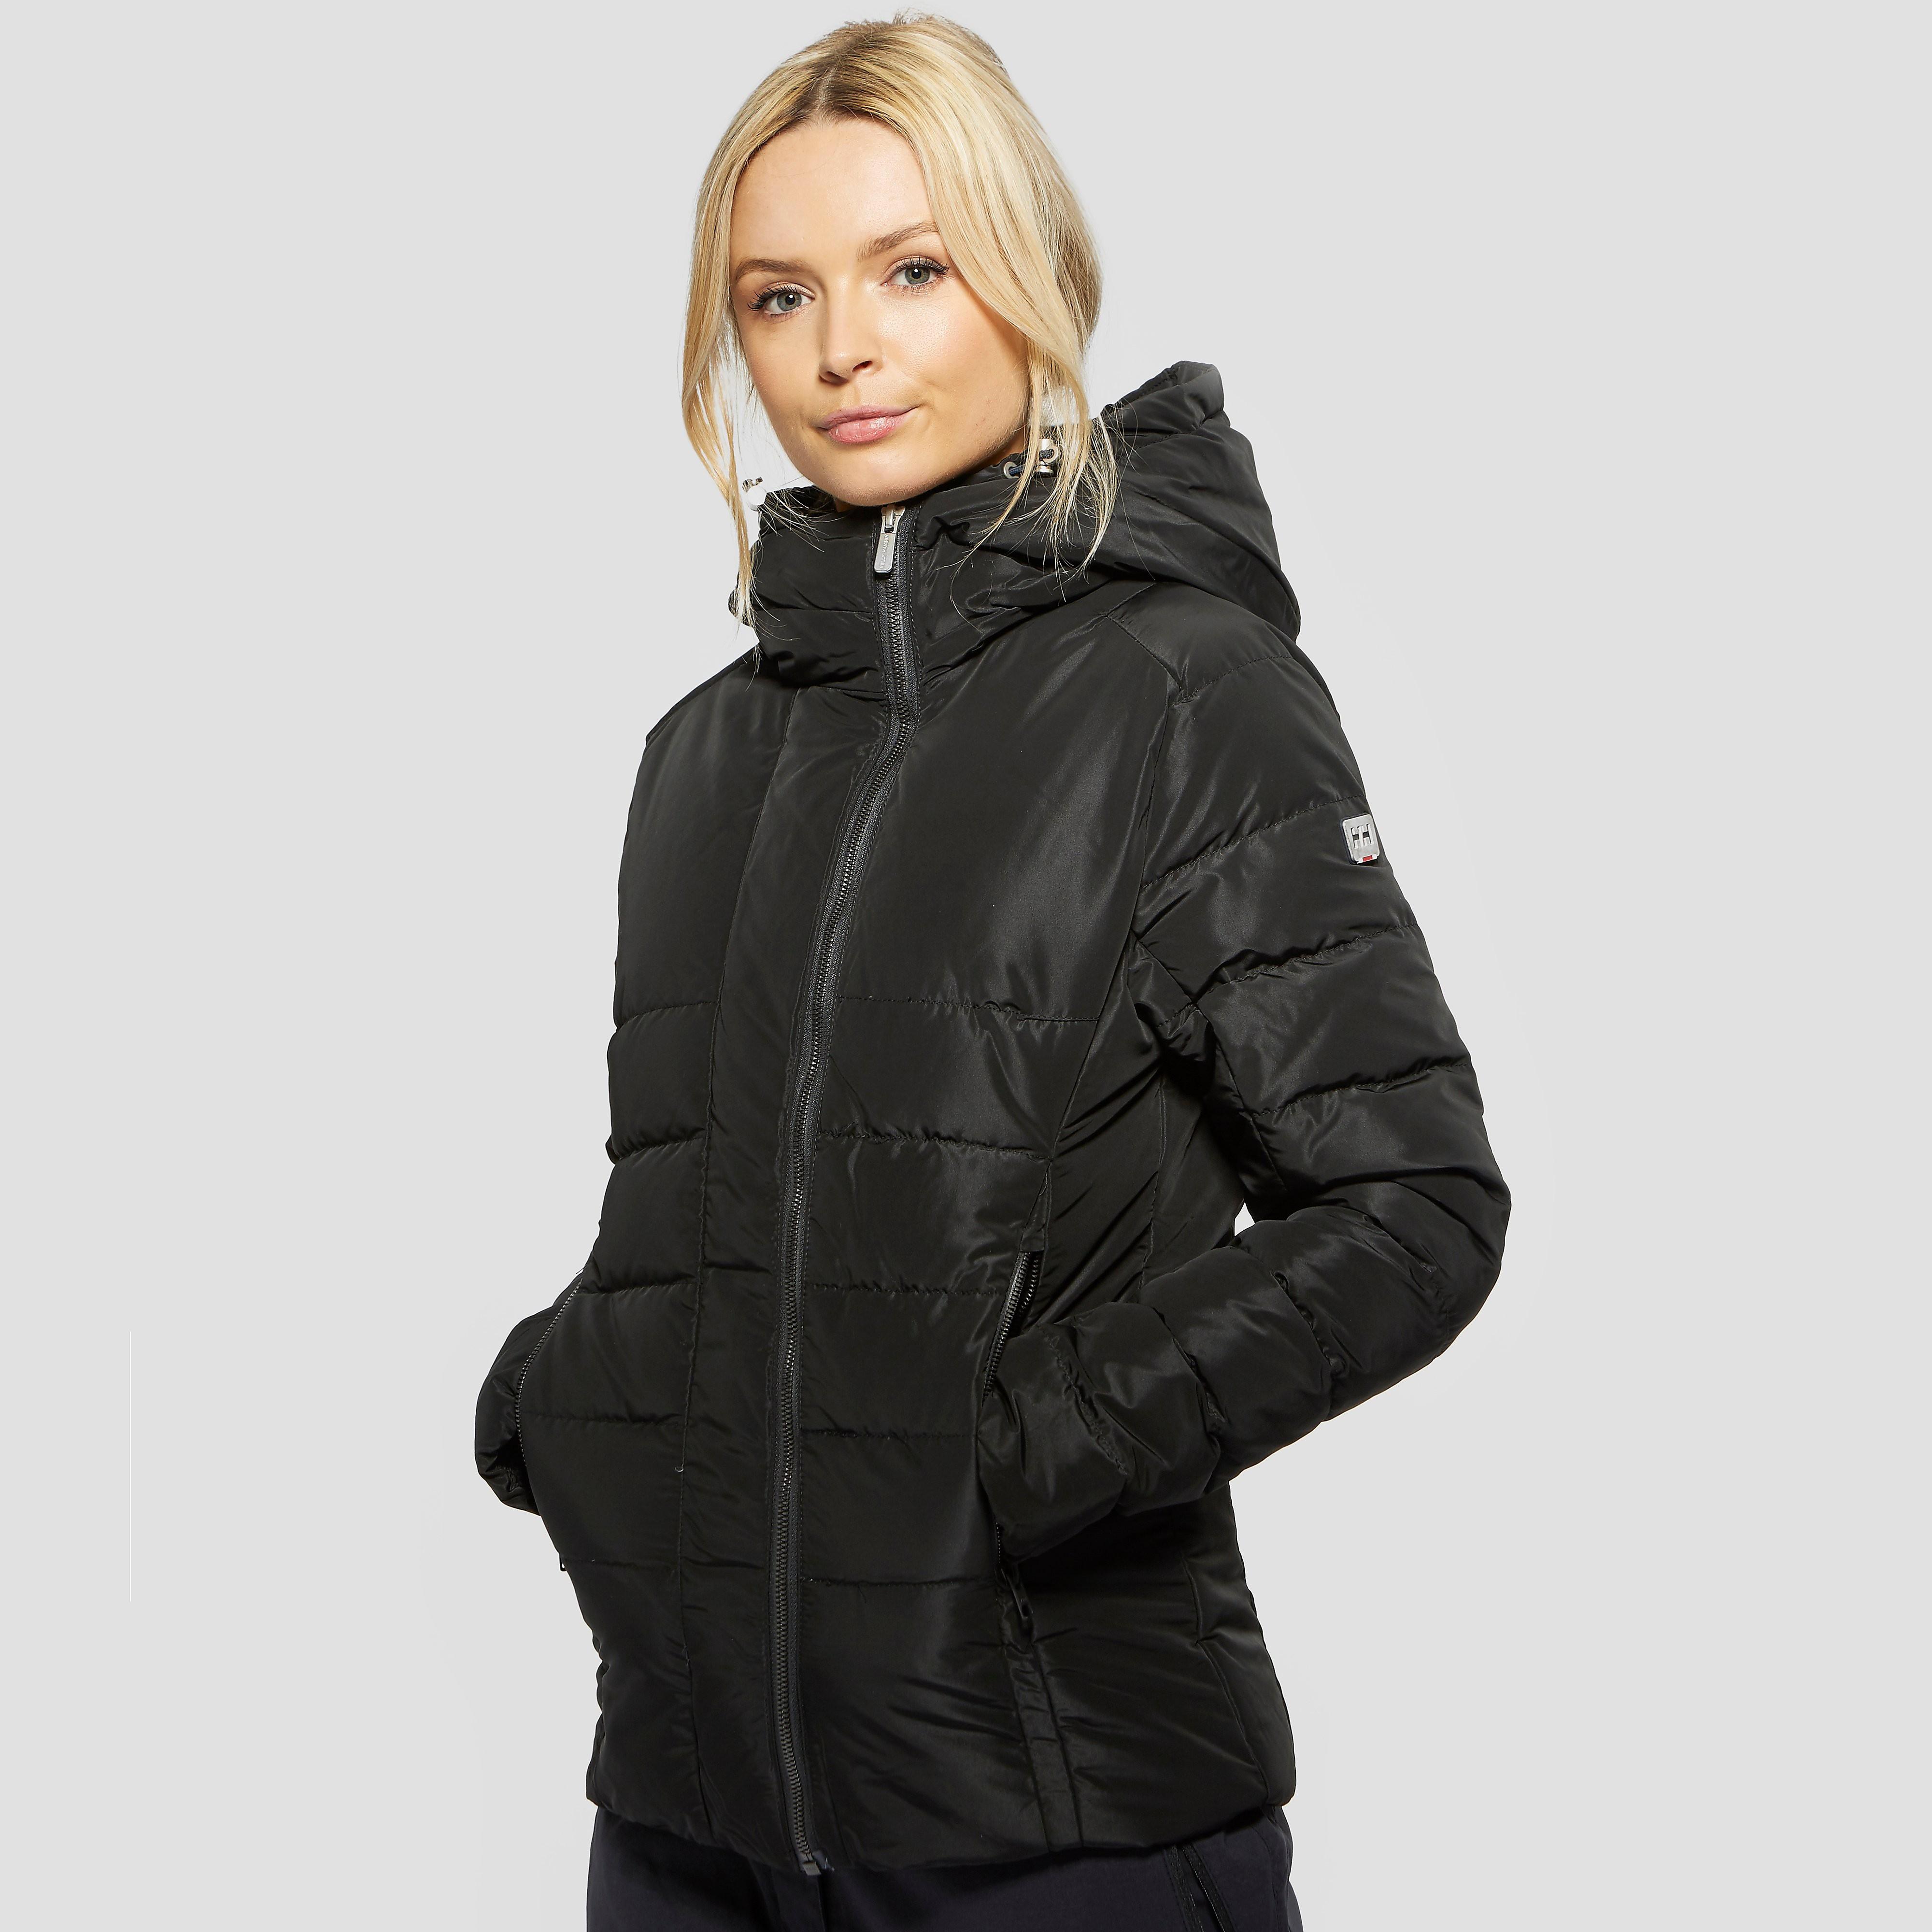 Helly Hansen Women's Iona Jacket